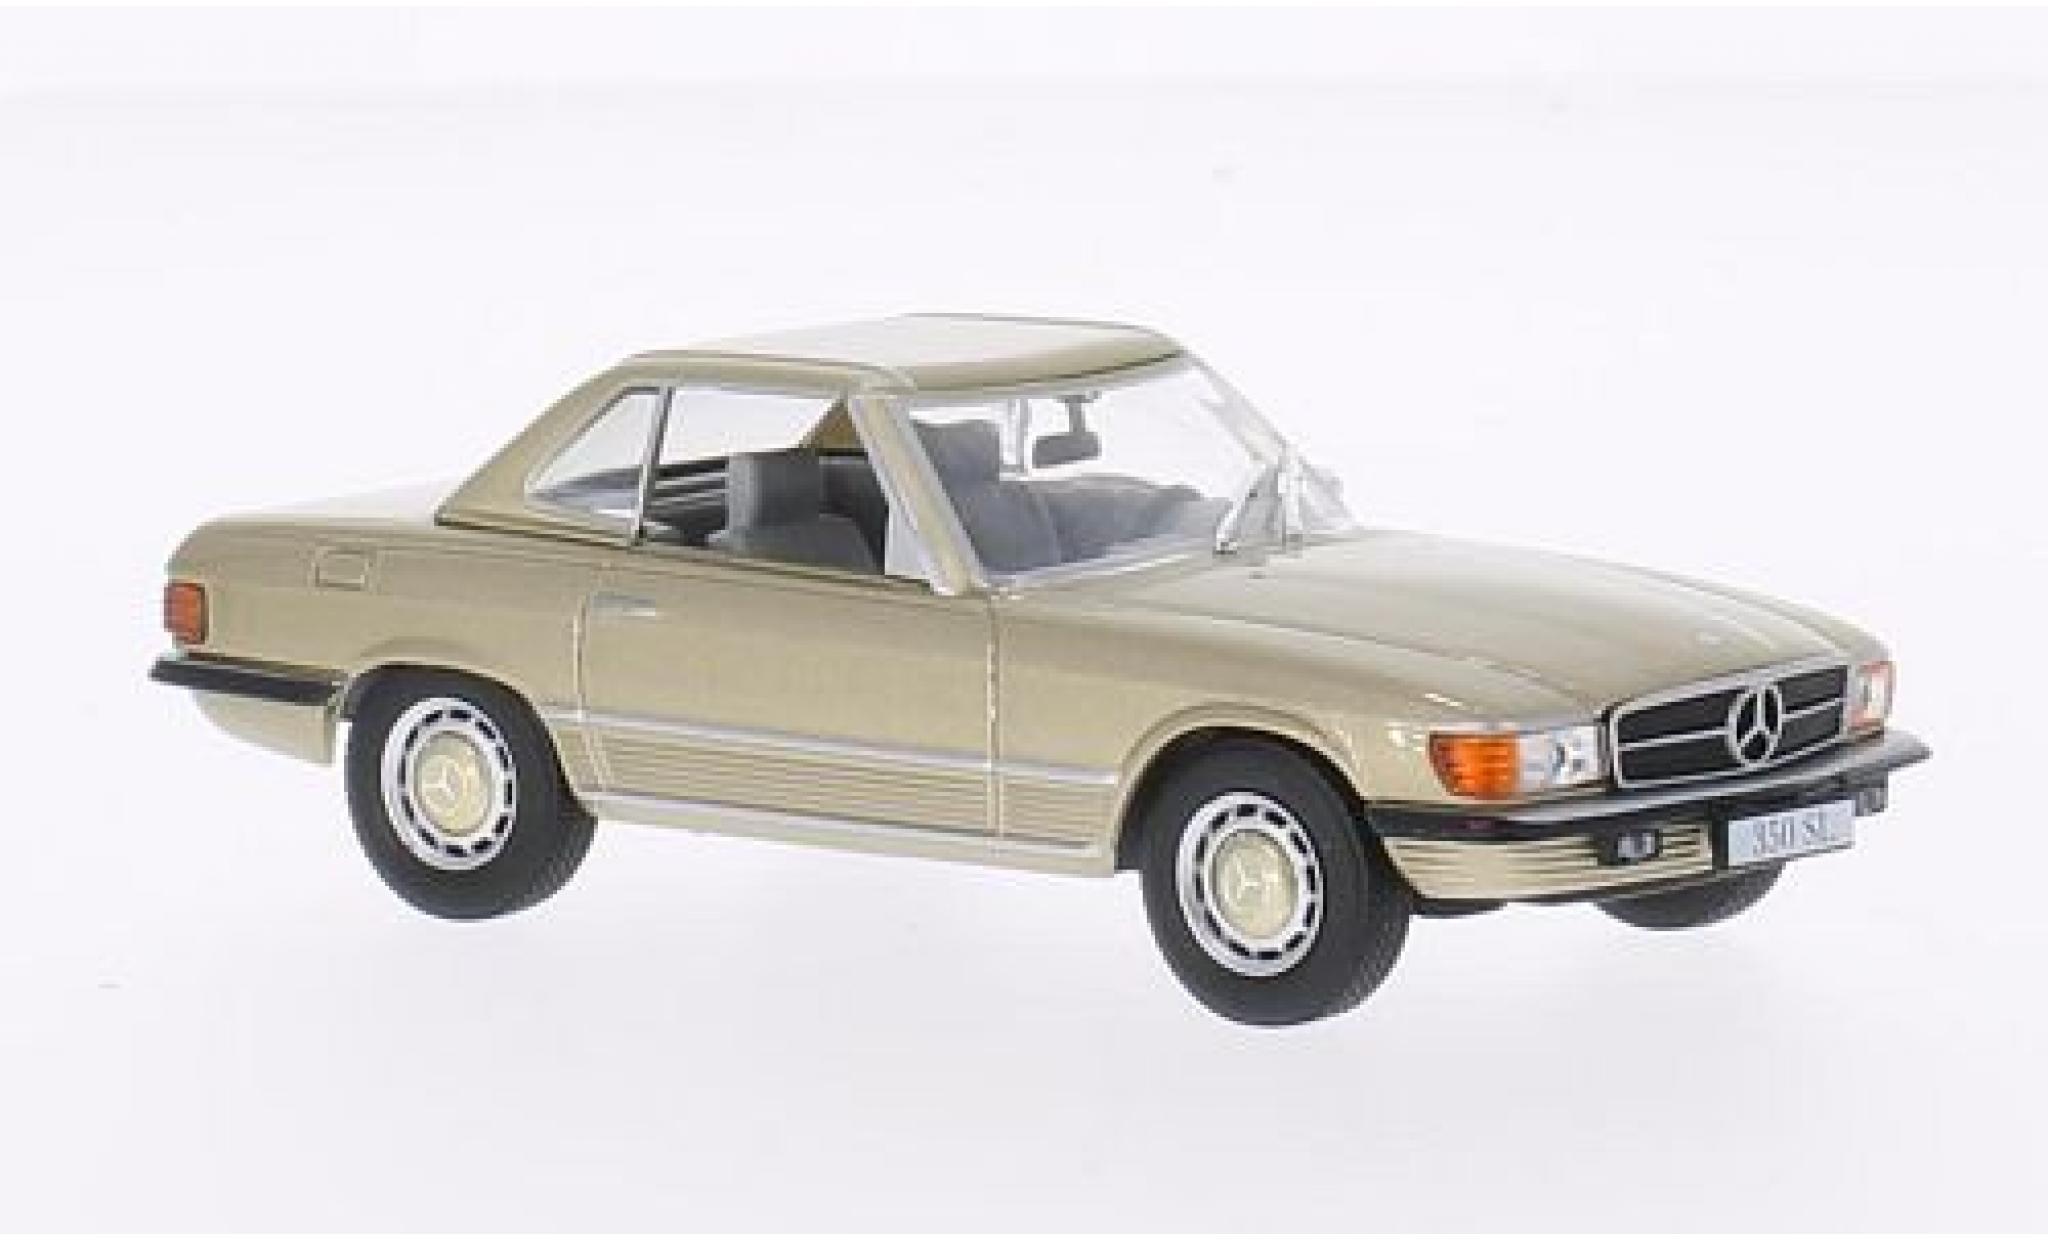 Mercedes 350 1/43 WhiteBox SL (R107) metallise beige 1971 avec Hardtop